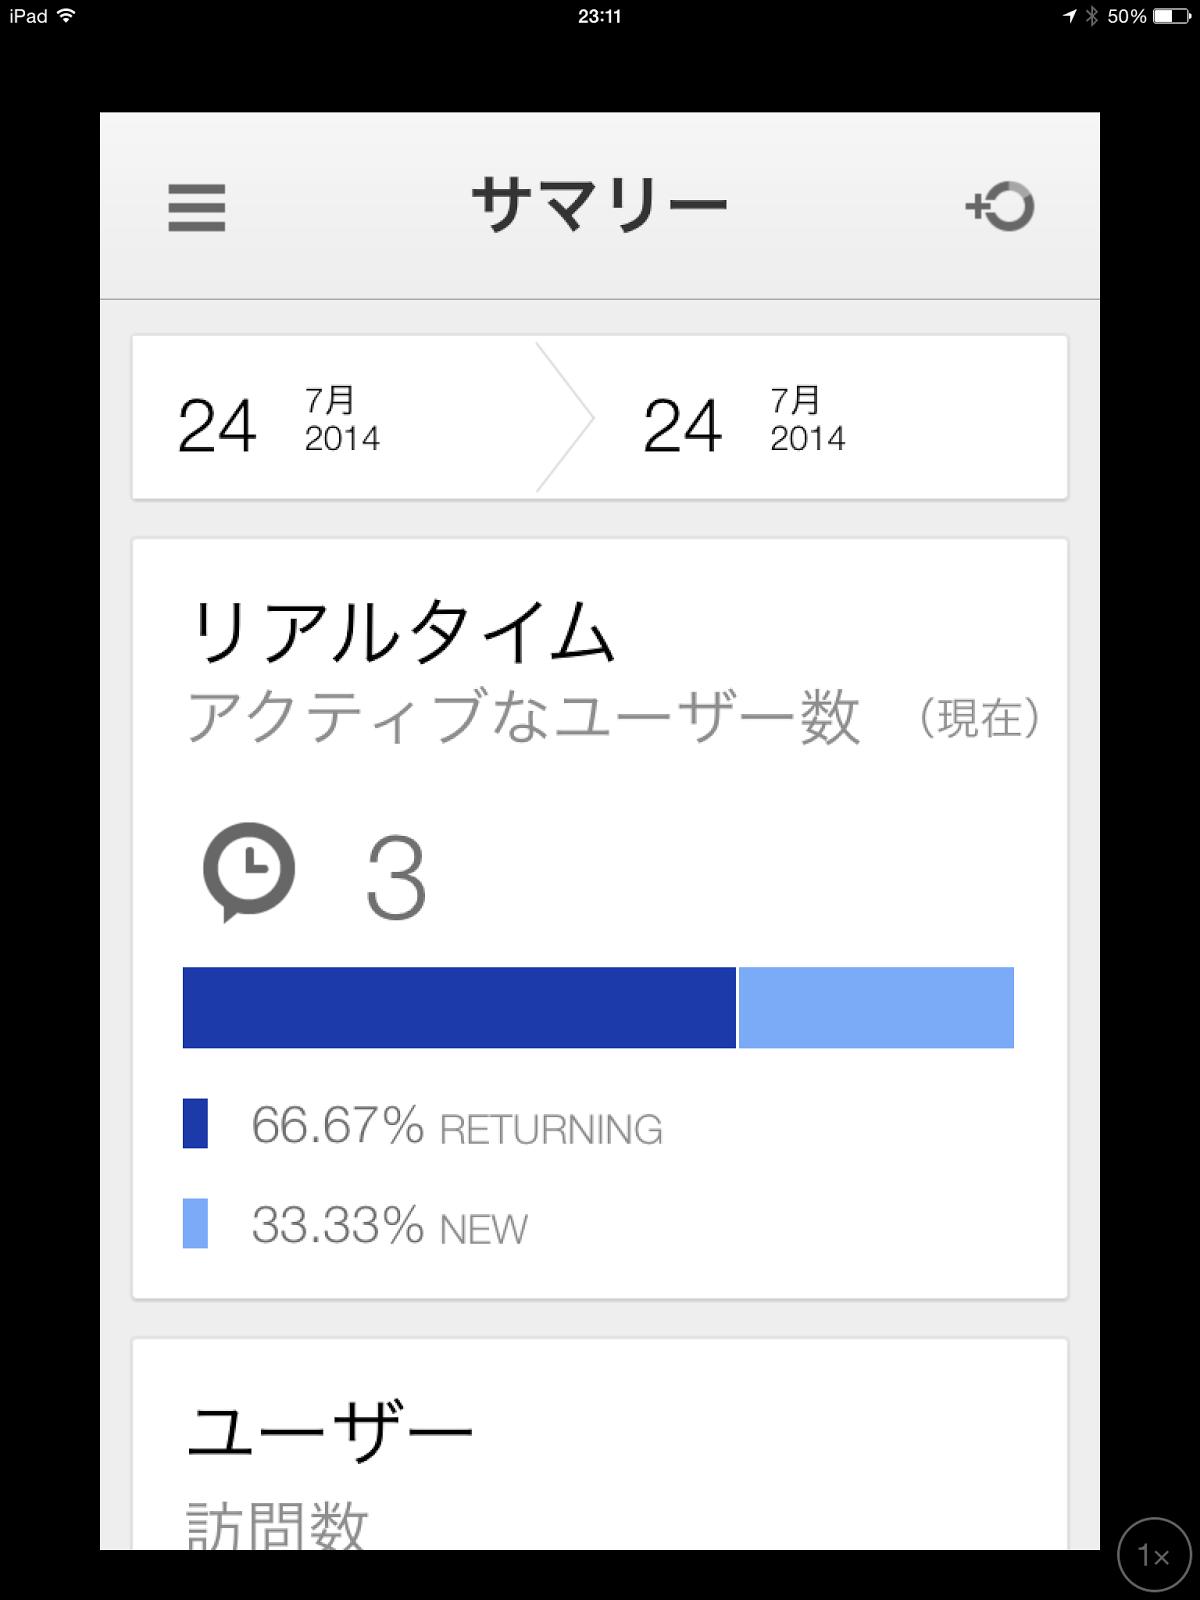 iOS用のGoogle Analyticsの公式アプリが公開されたので使ってみました